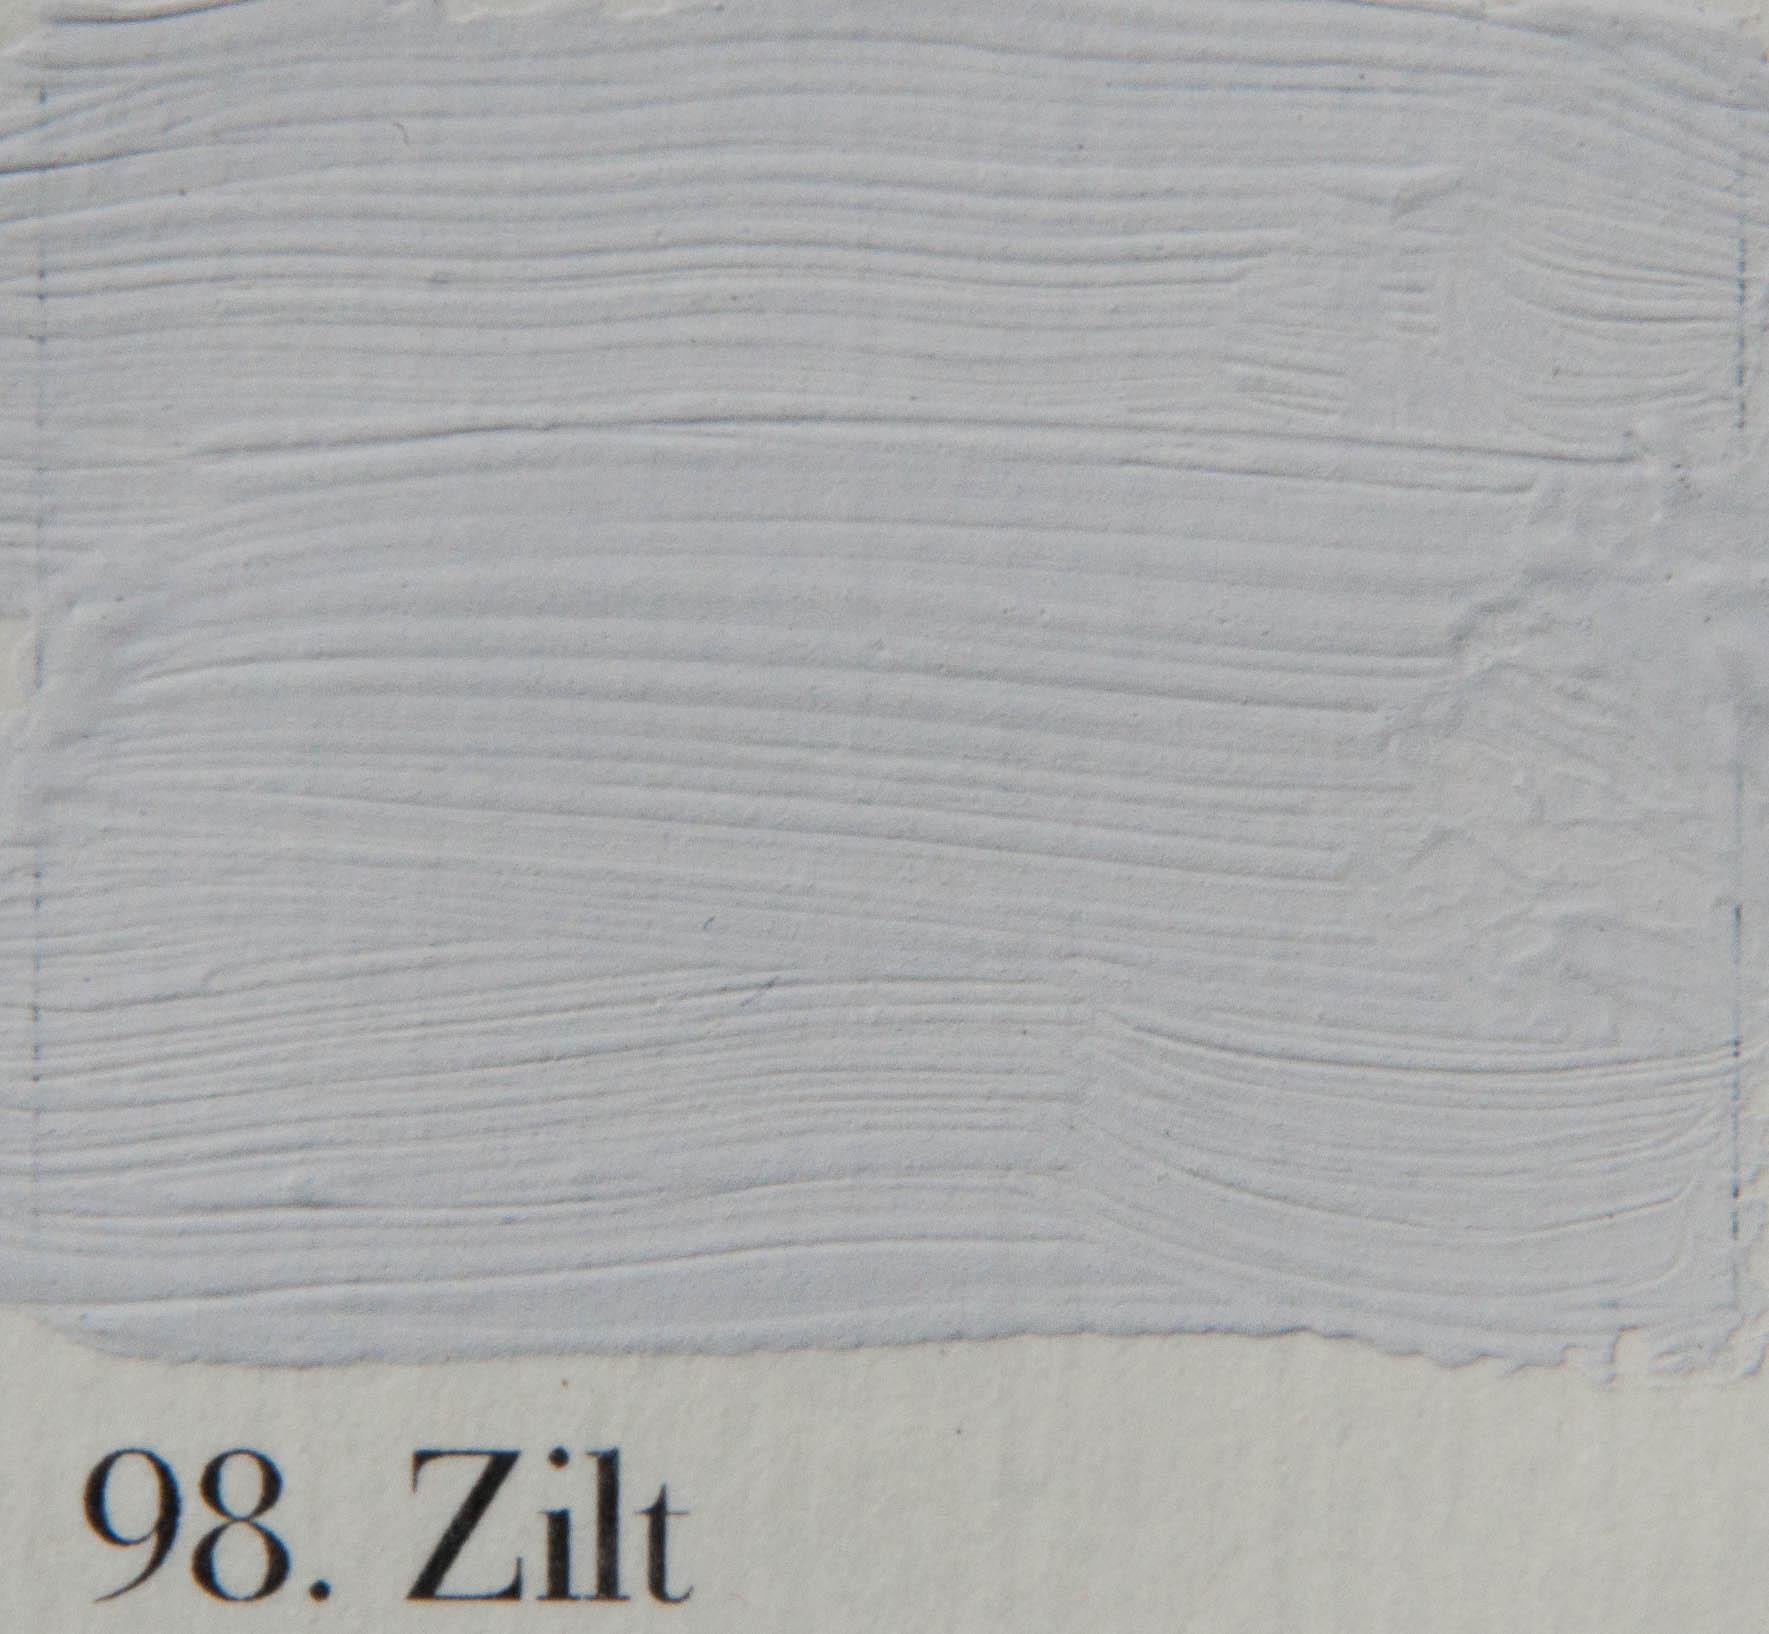 'l Authentique krijtverf 98. Zilt